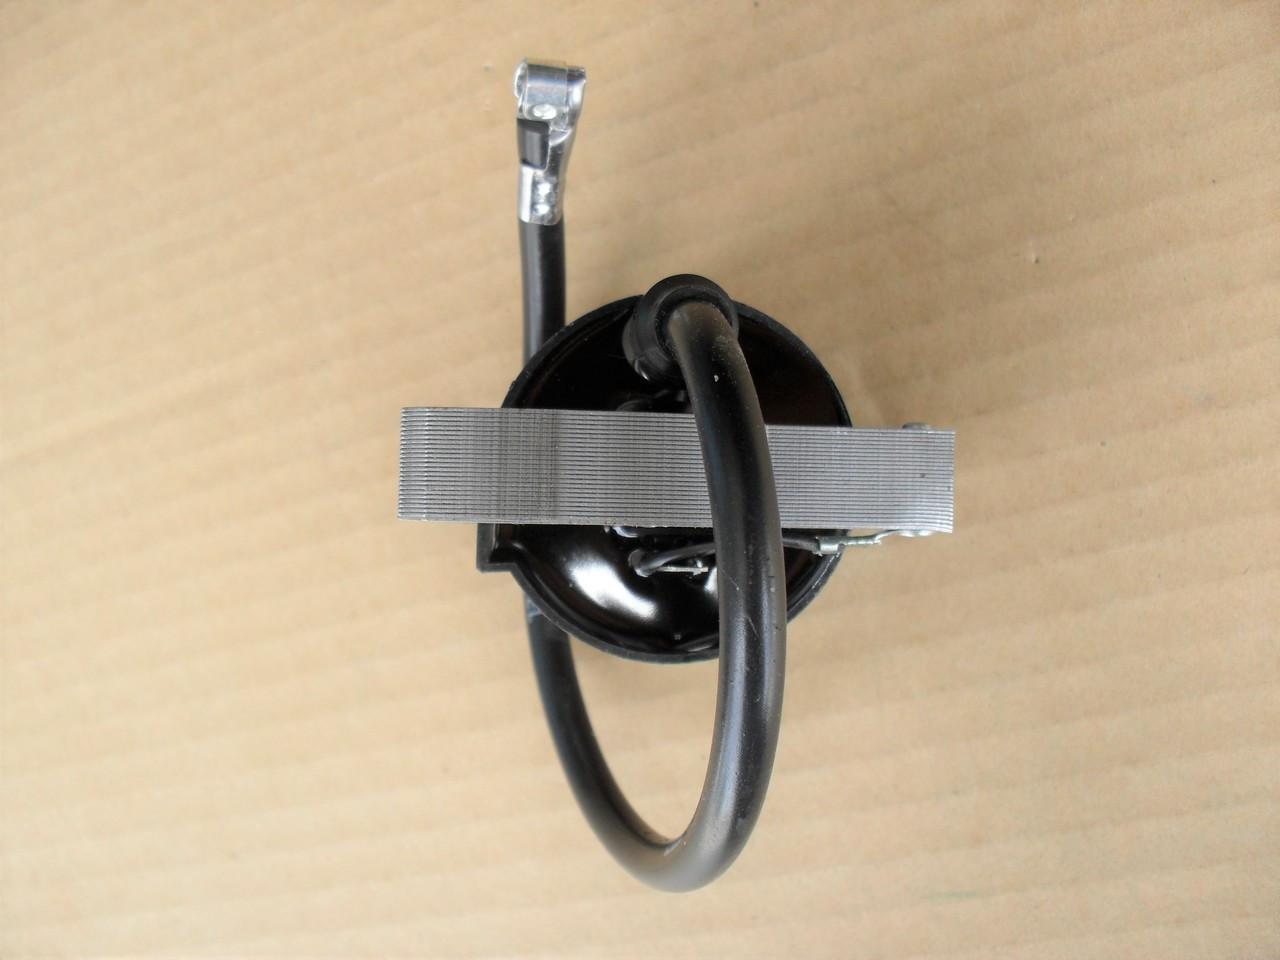 Ignition Coil for Briggs /& Stratton Armature Magneto 799651 691060 499447 592846